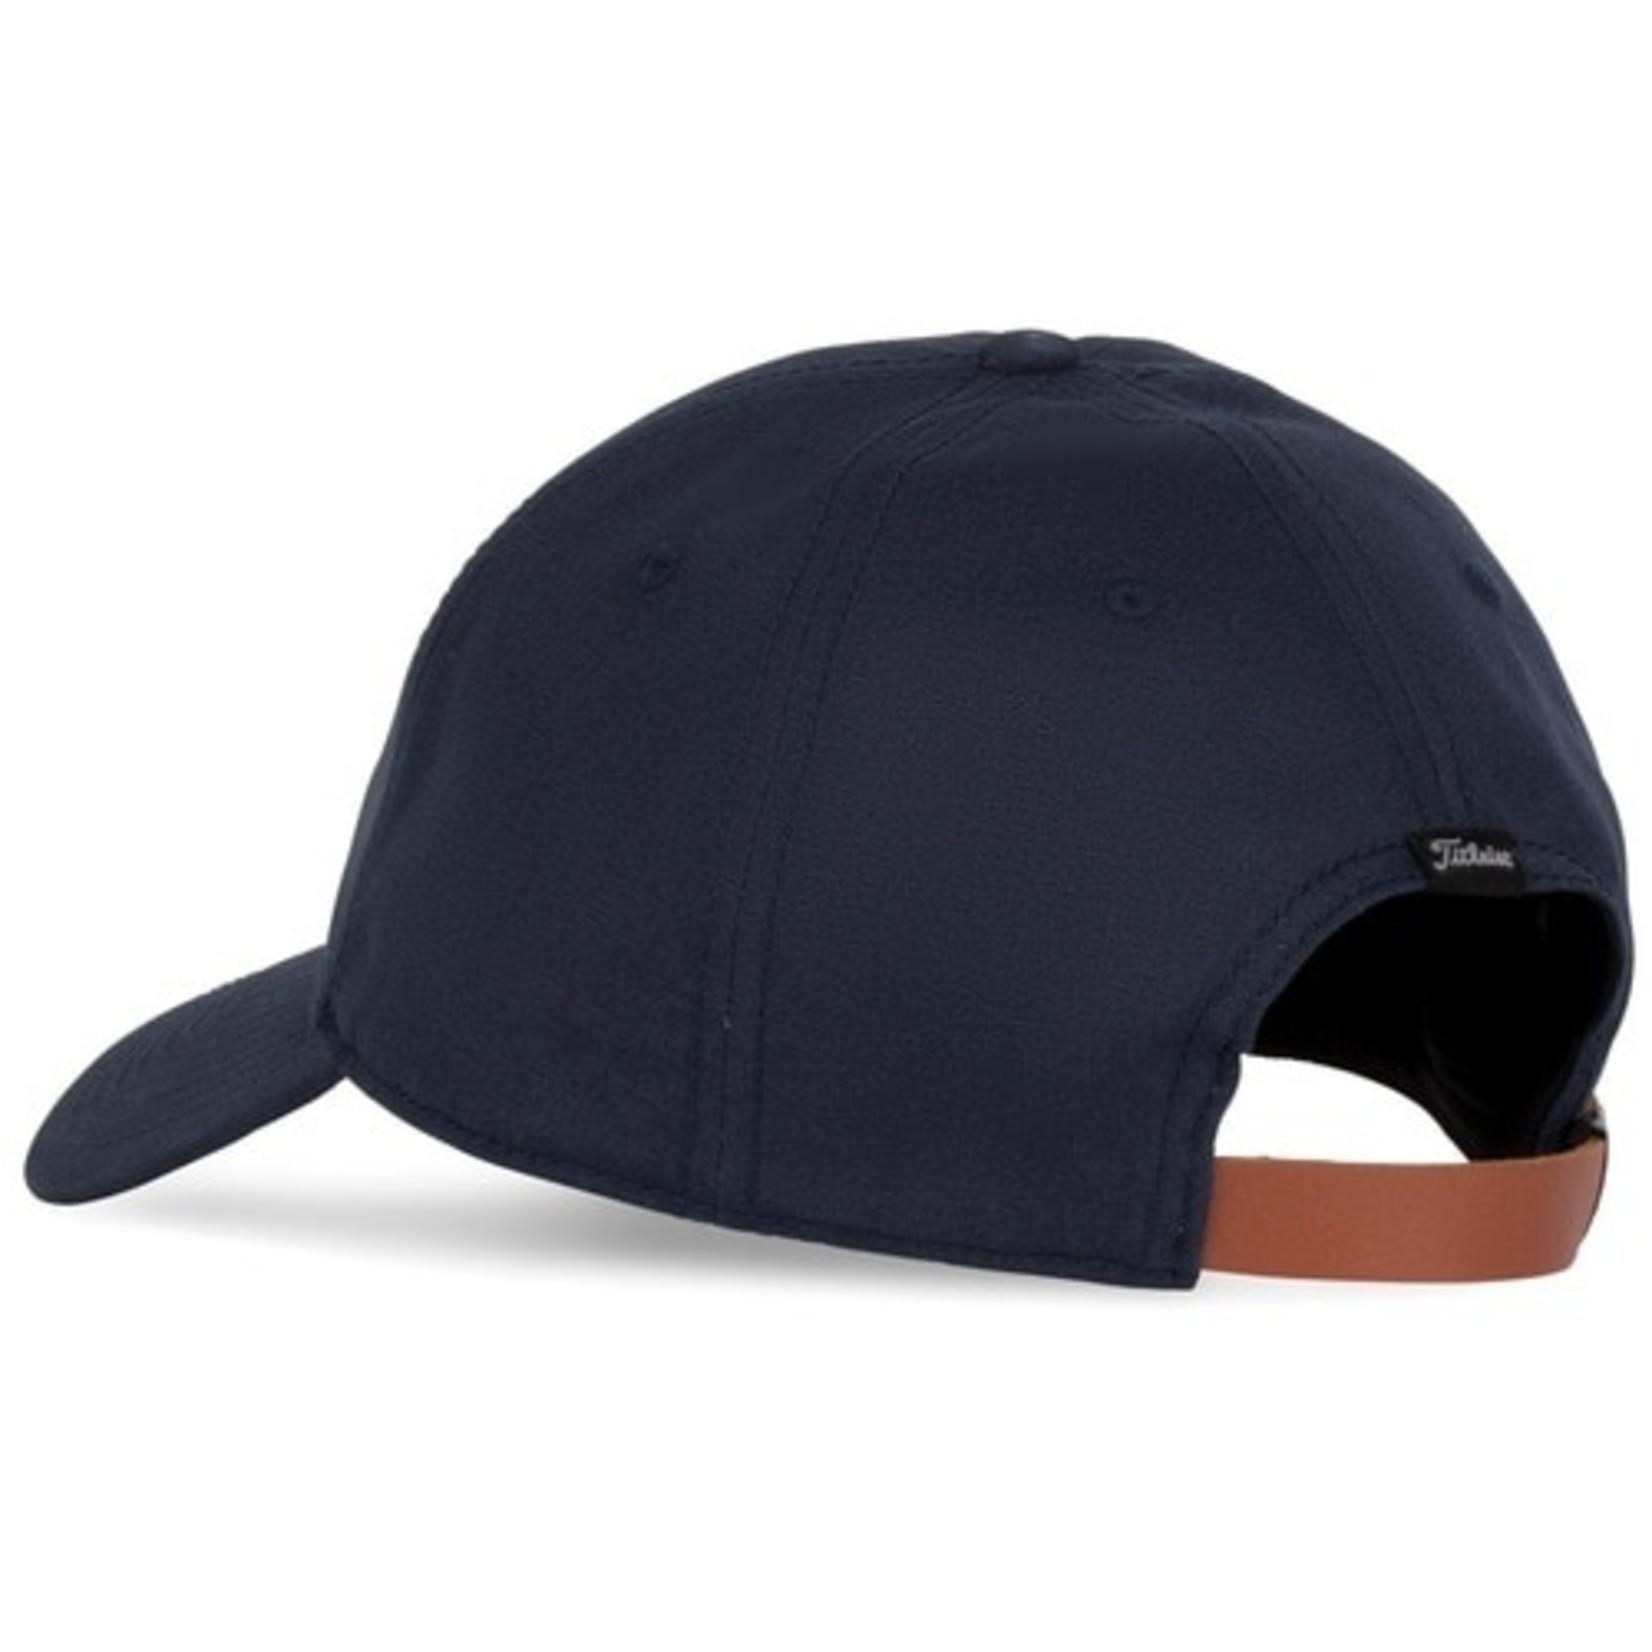 Titleist Titleist Montauk Adjustable Hat